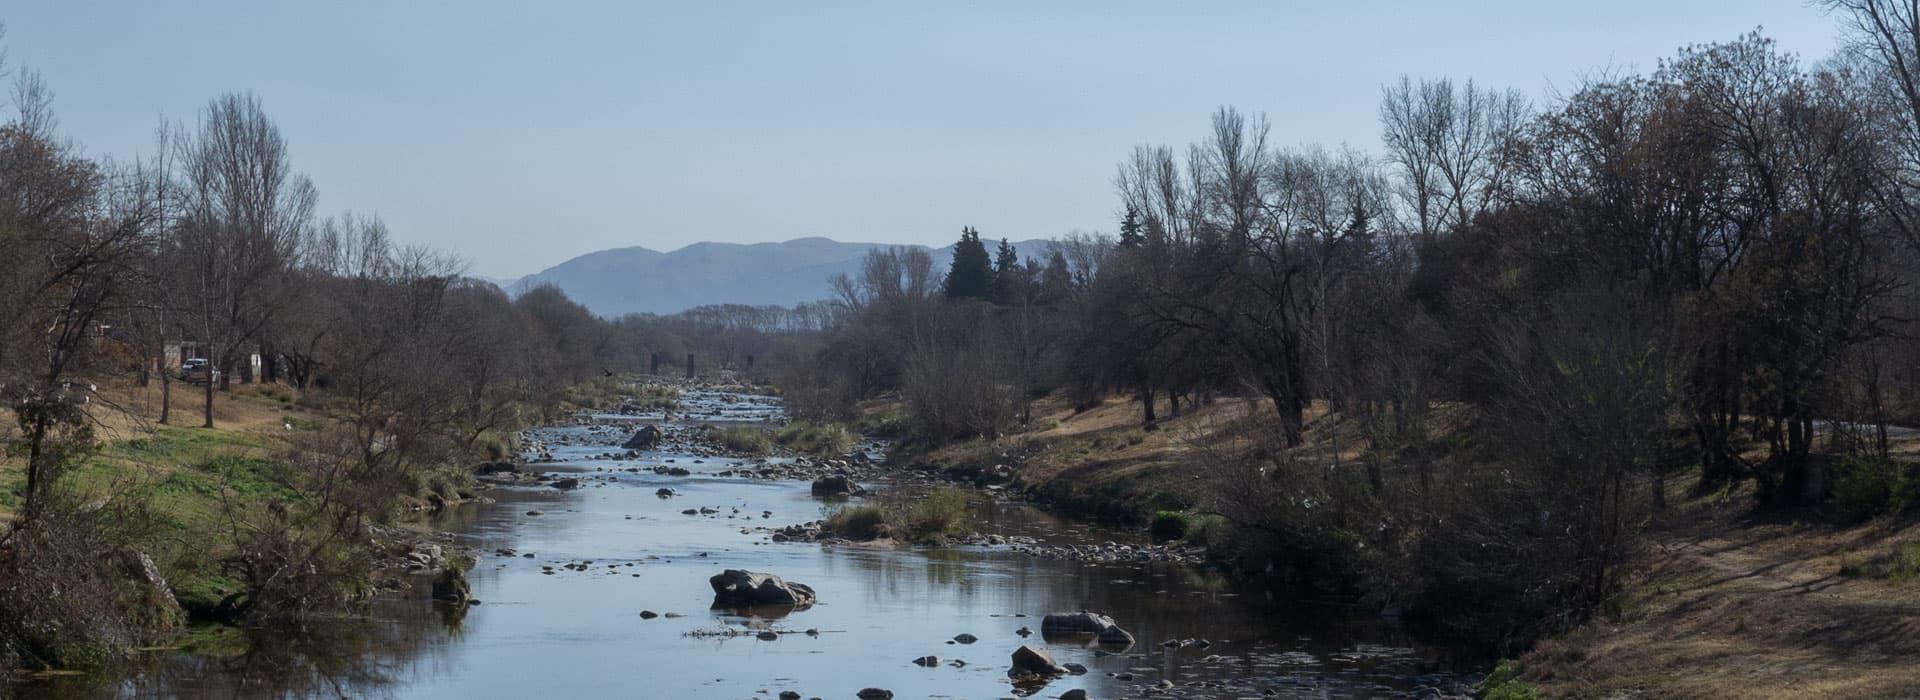 Imagen   Lucha por el agua y el bosque